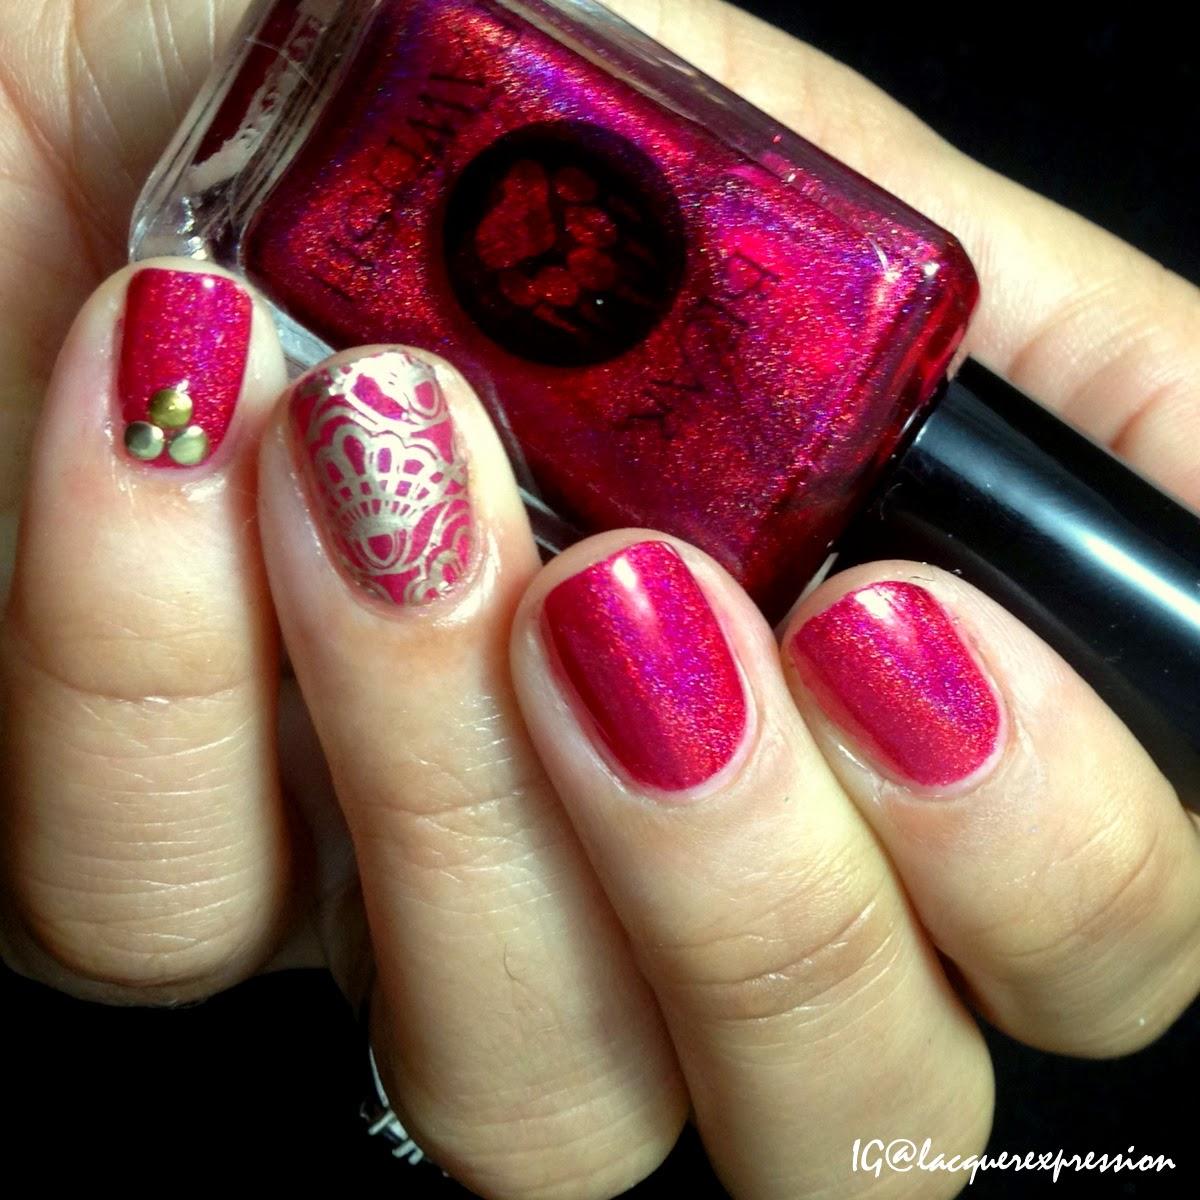 swatch of she's a fish killer nail polish by bear pawlish